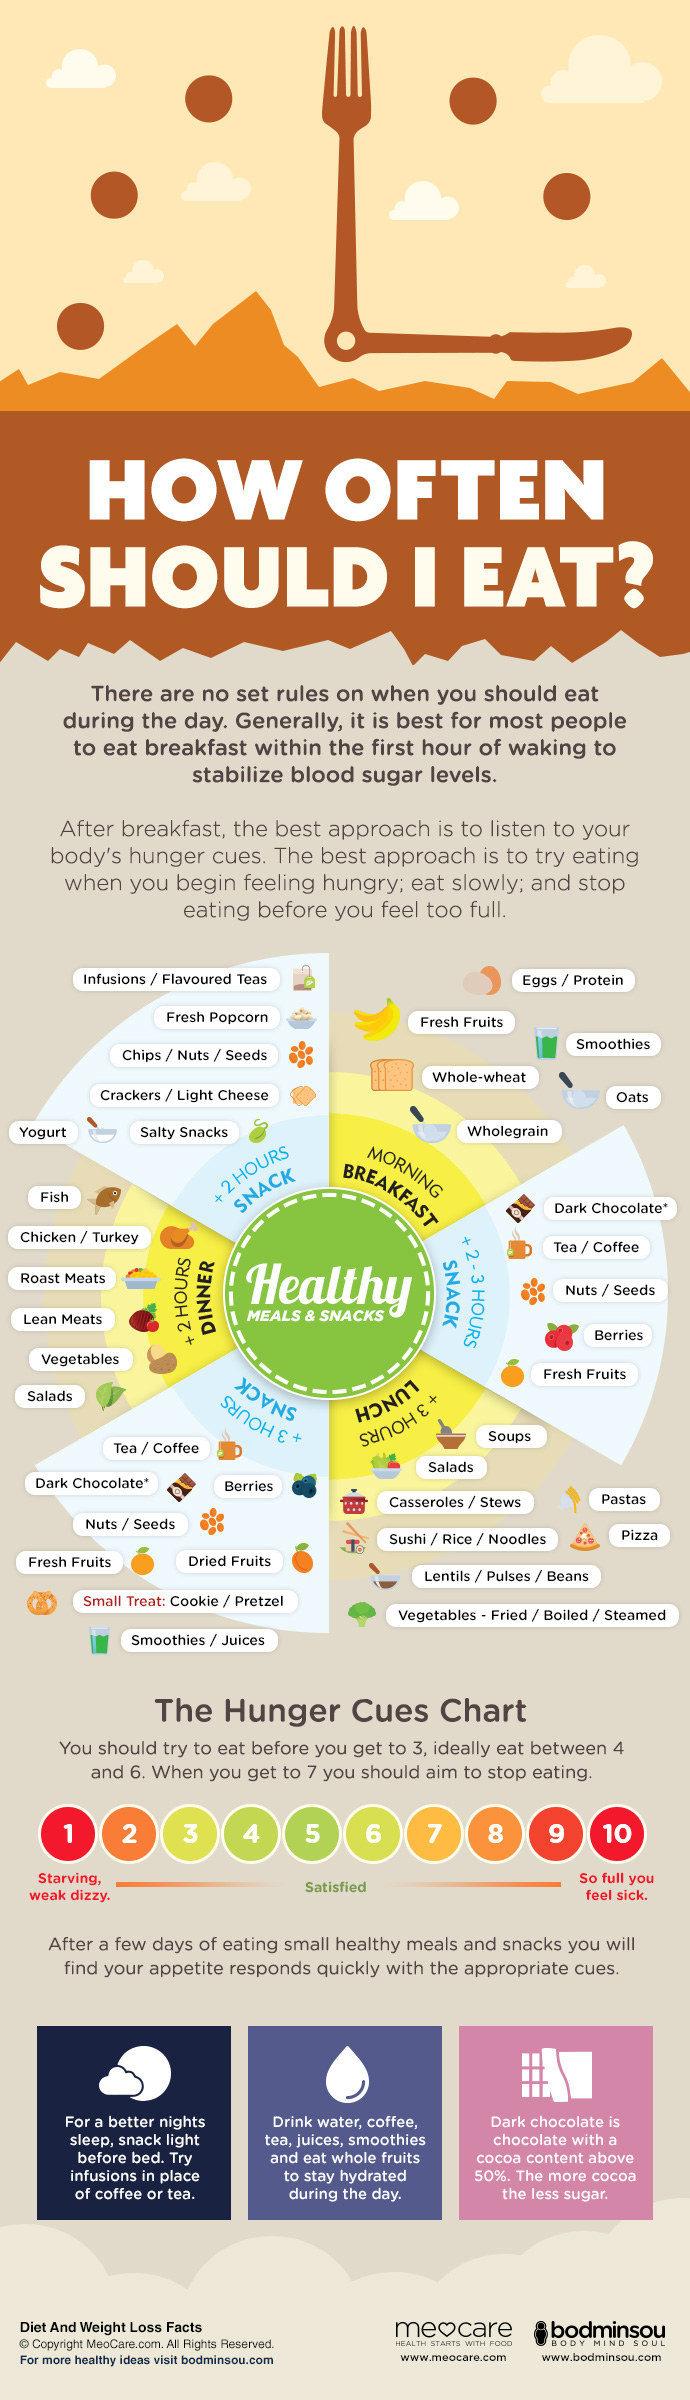 8個美味又健康的飲食菜單 在家就可以做出天然又好吃的冰淇淋!